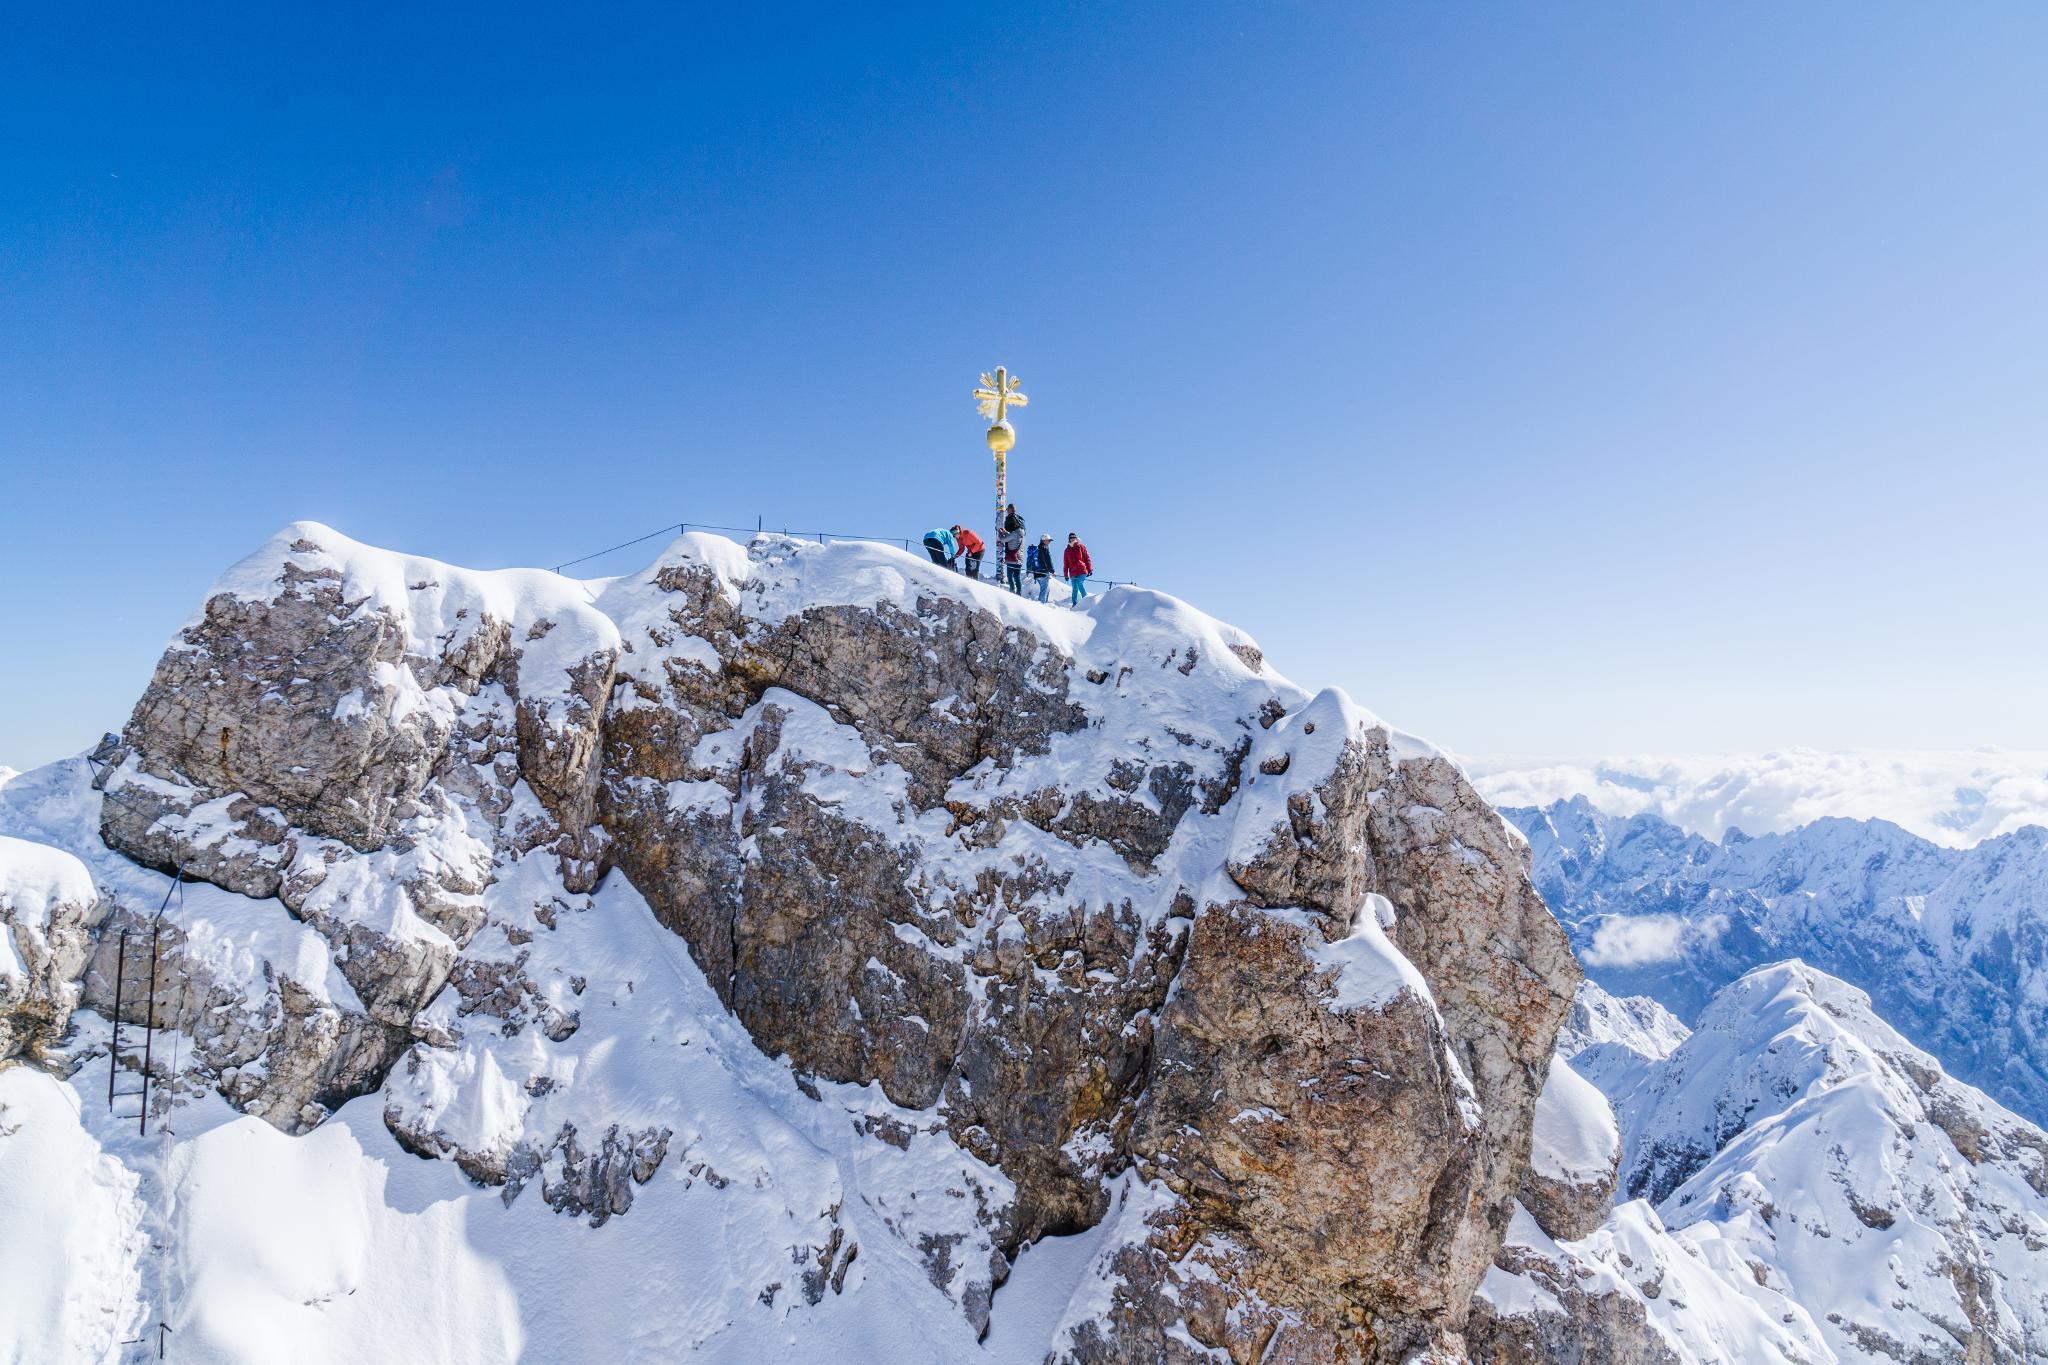 【德國】阿爾卑斯大道:楚格峰 (Zugspitze) 登上德國之巔 50